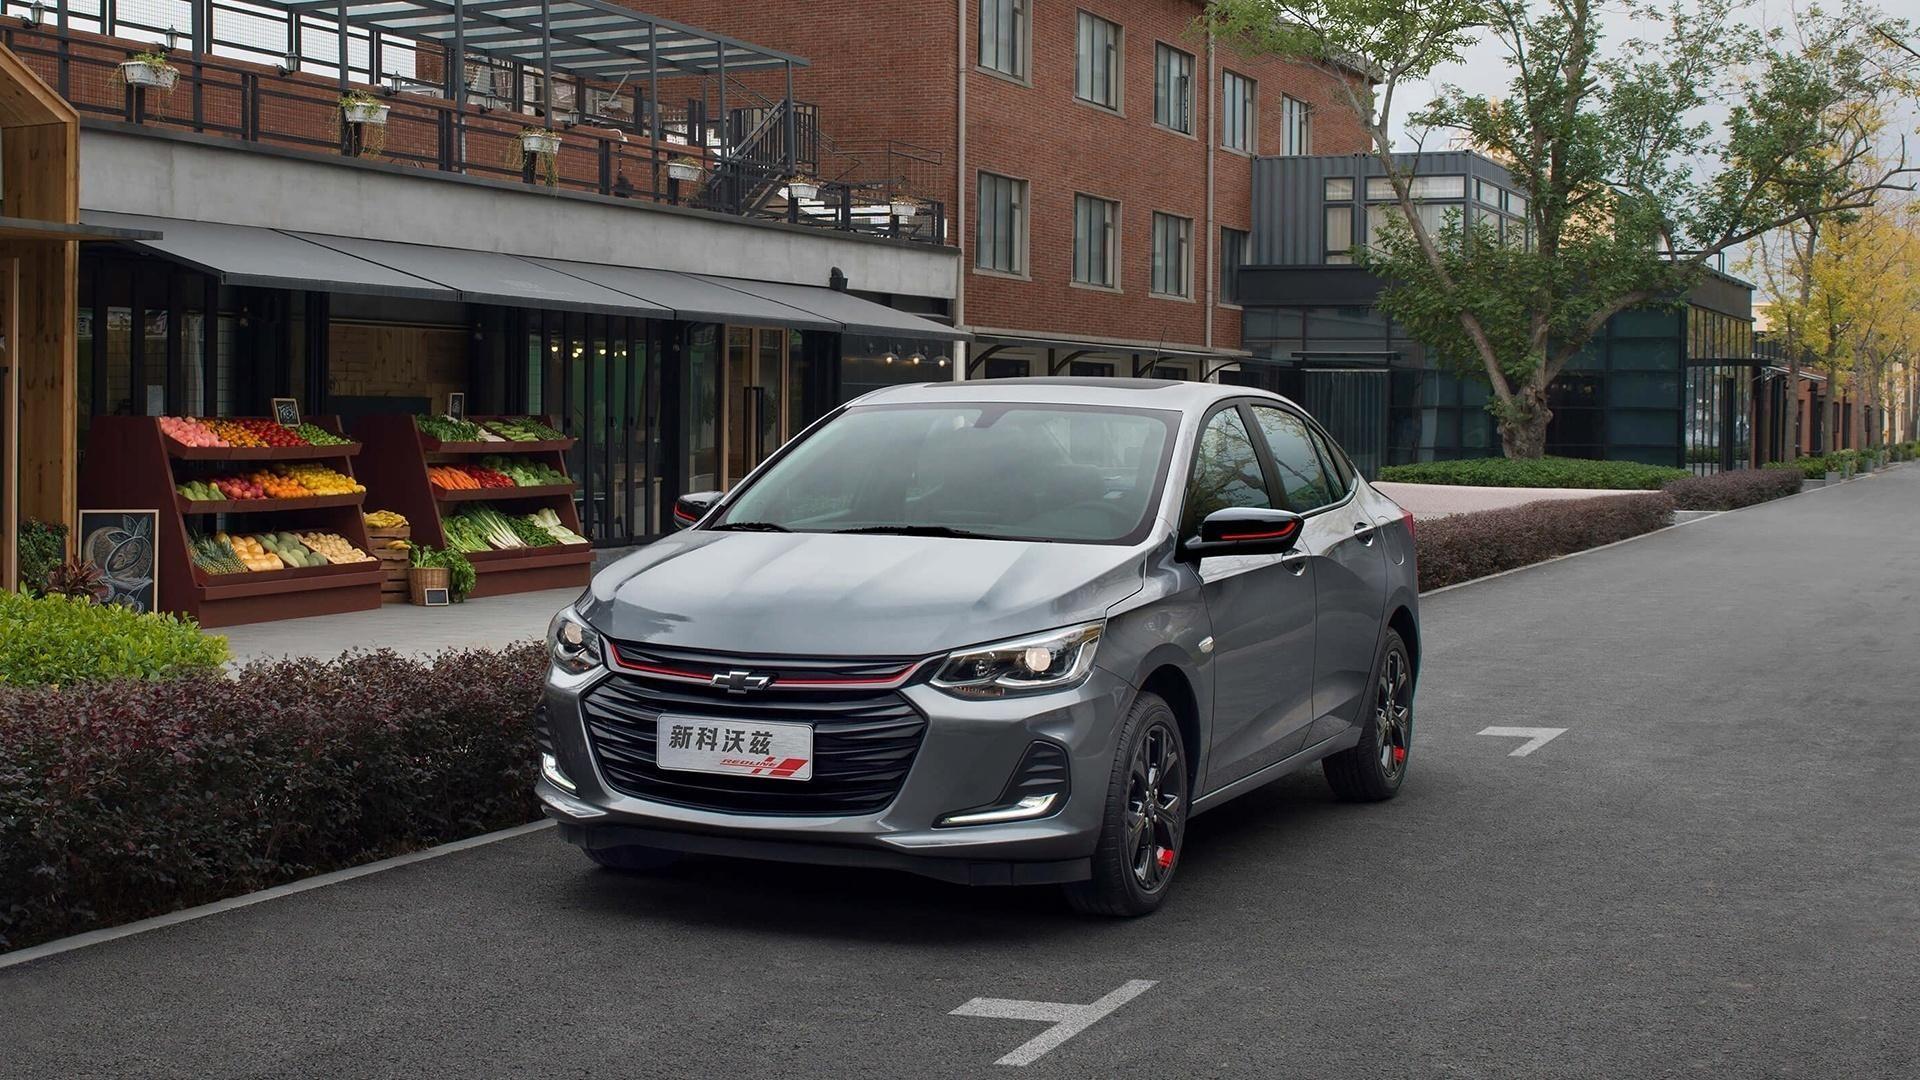 Como E O Novo Chevrolet Onix 2020 Carro Mais Vendido Toyota Supra Aston Martin Lagonda